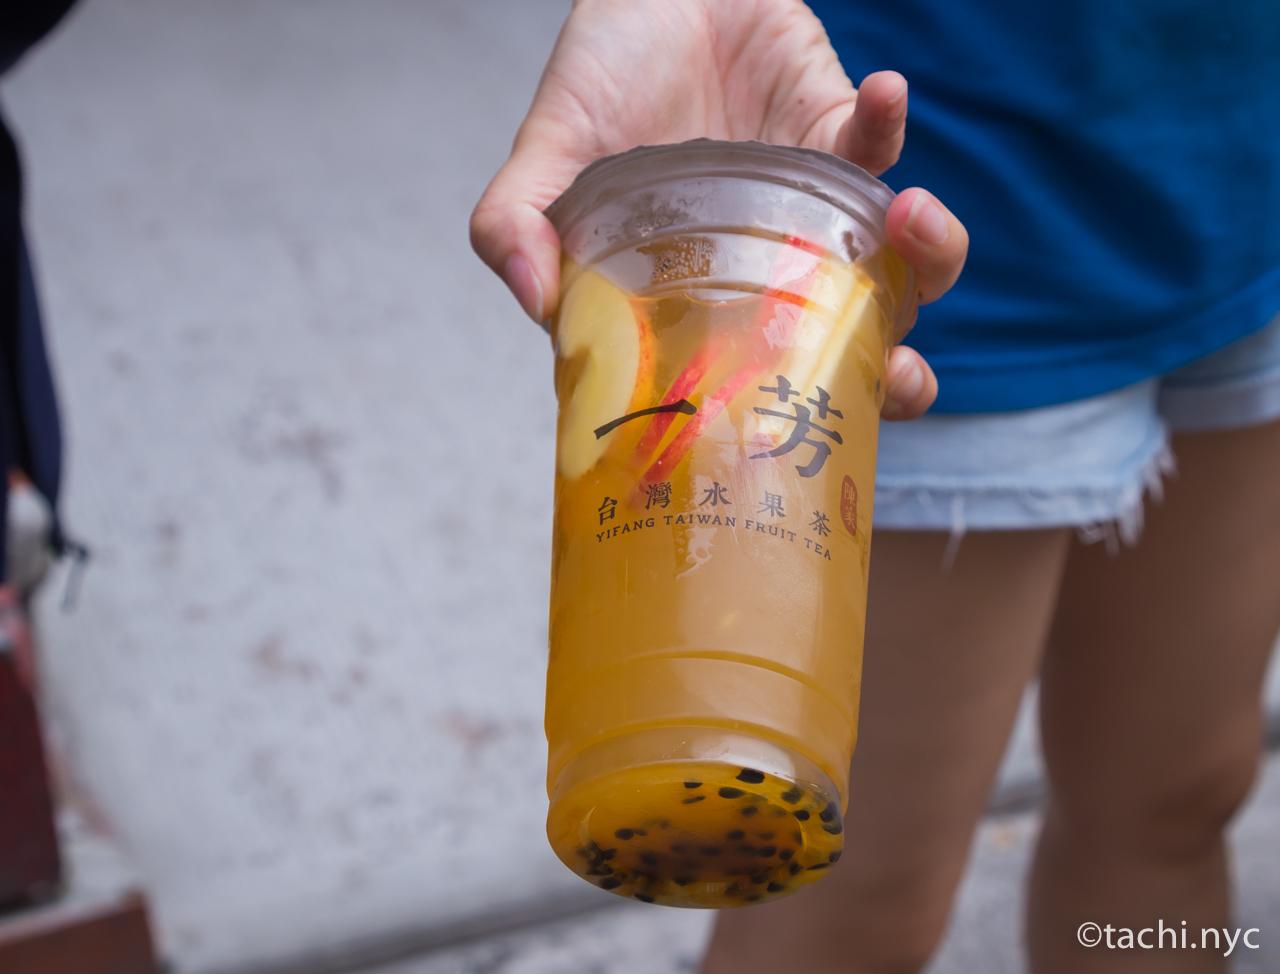 Yifang Taiwan Fruit Tea Yifang Fruit Tea